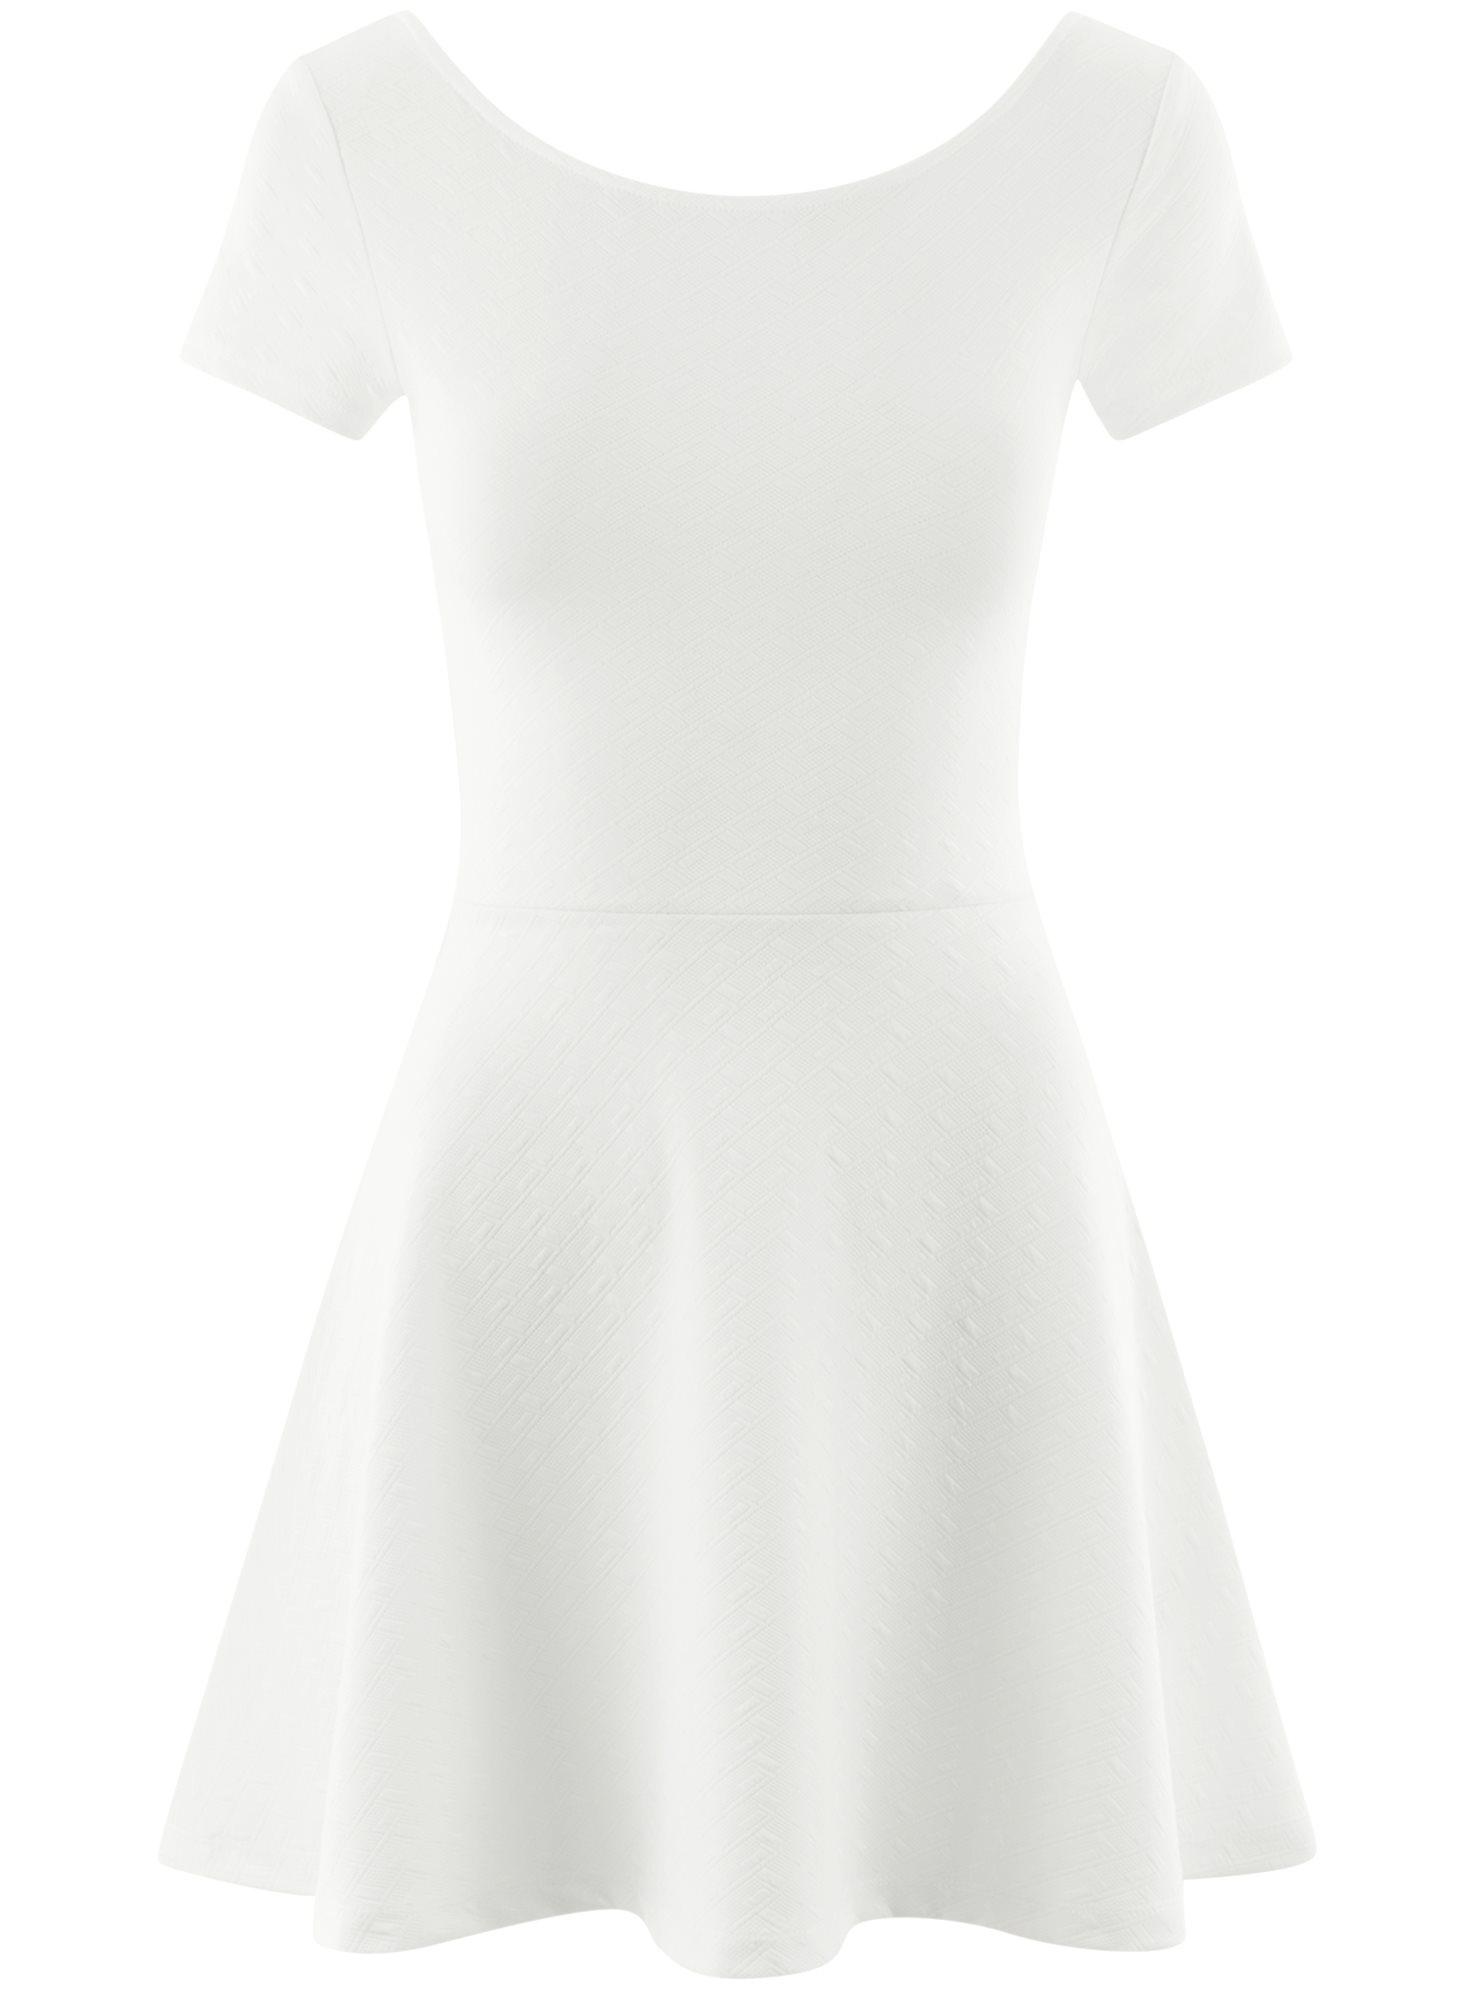 Платье приталенное с V-образным вырезом на спине oodji для женщины (белый), 14011034B/42588/1201N